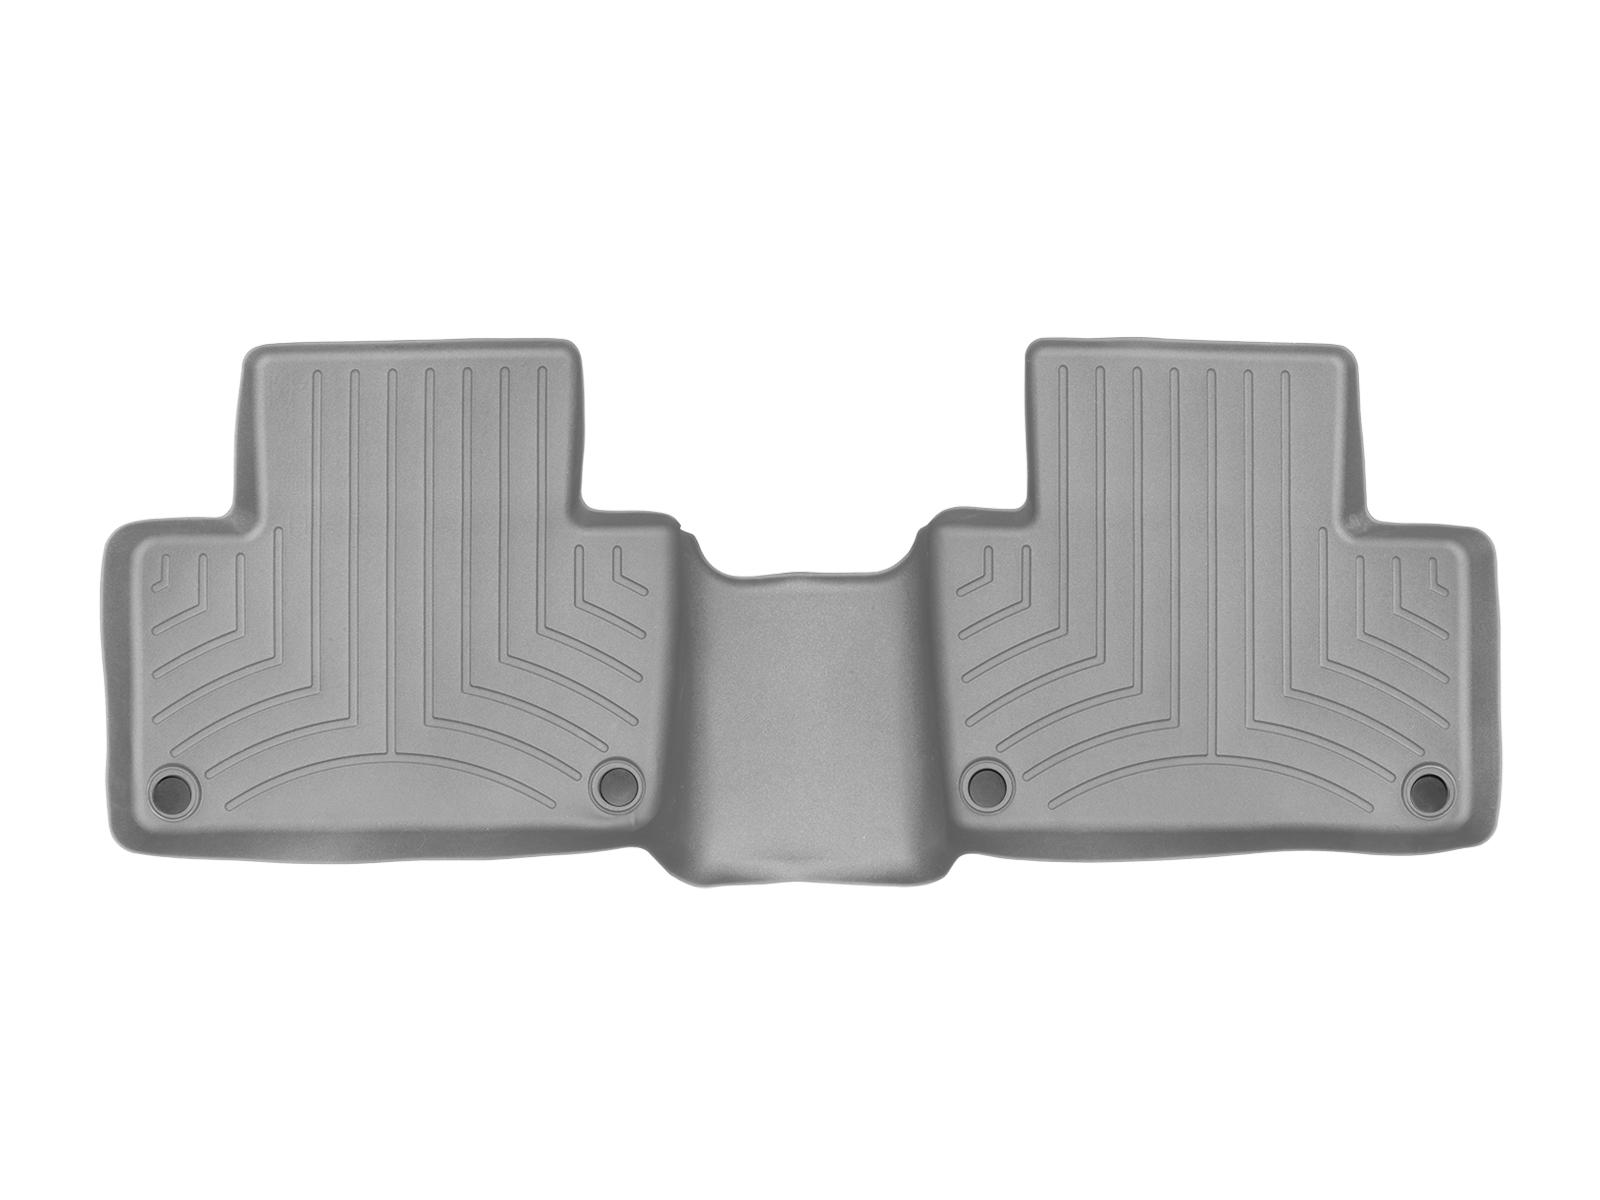 Tappeti gomma su misura bordo alto Volvo XC90 15>17 Grigio A4454*